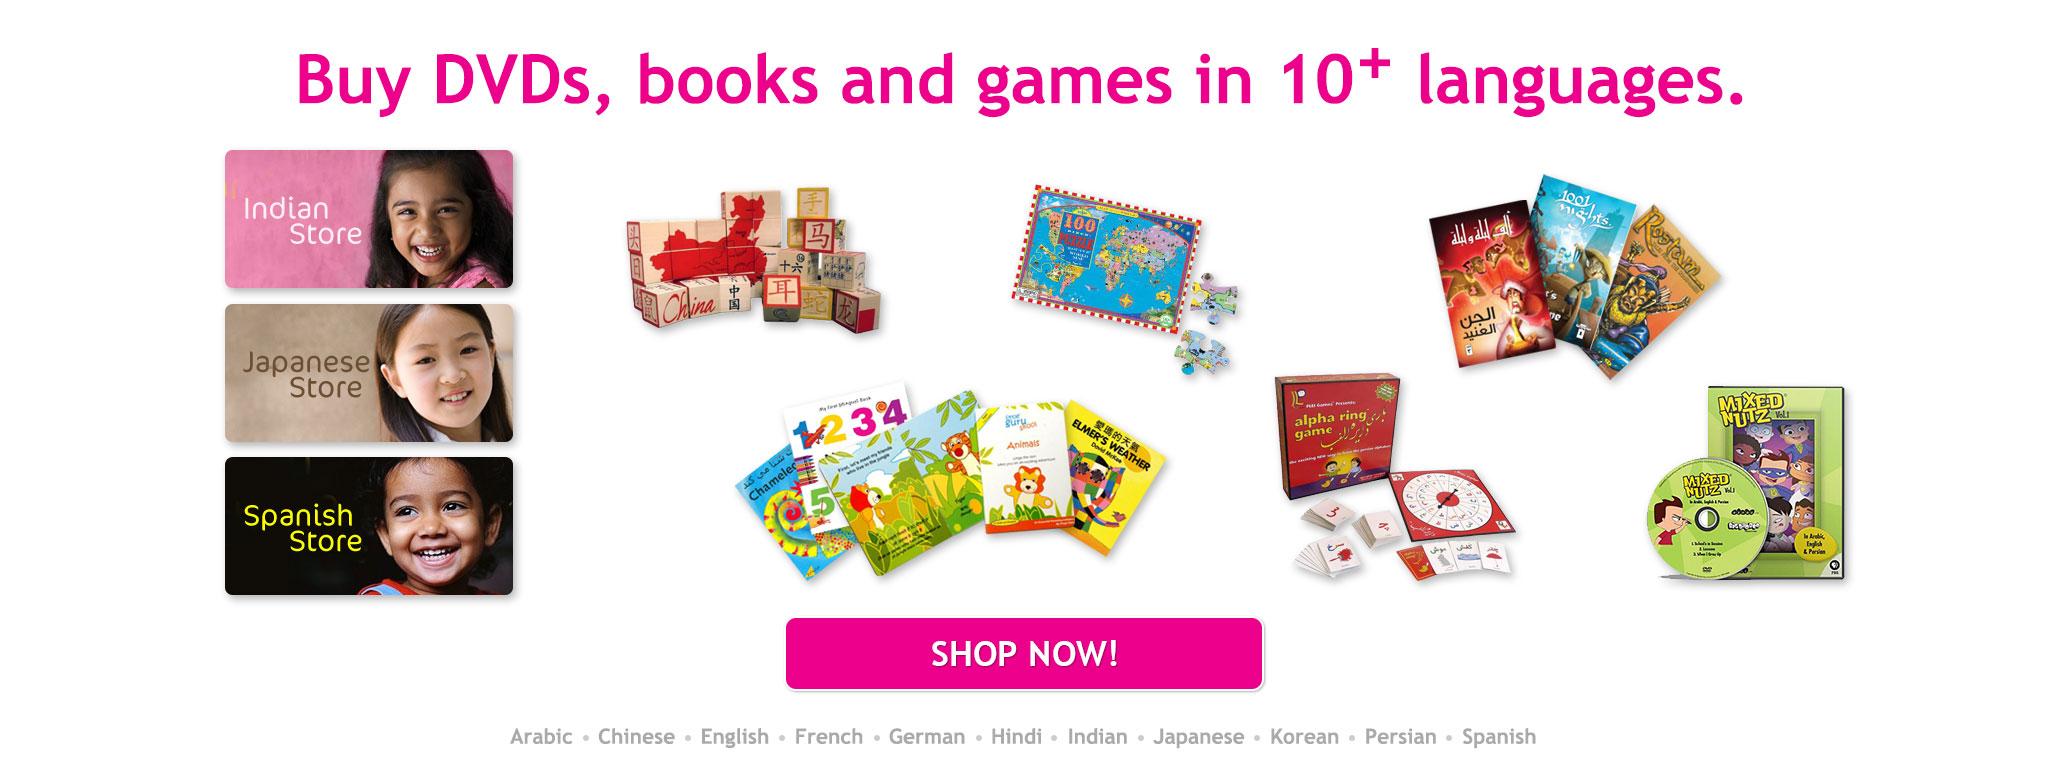 shop.oznoz.com